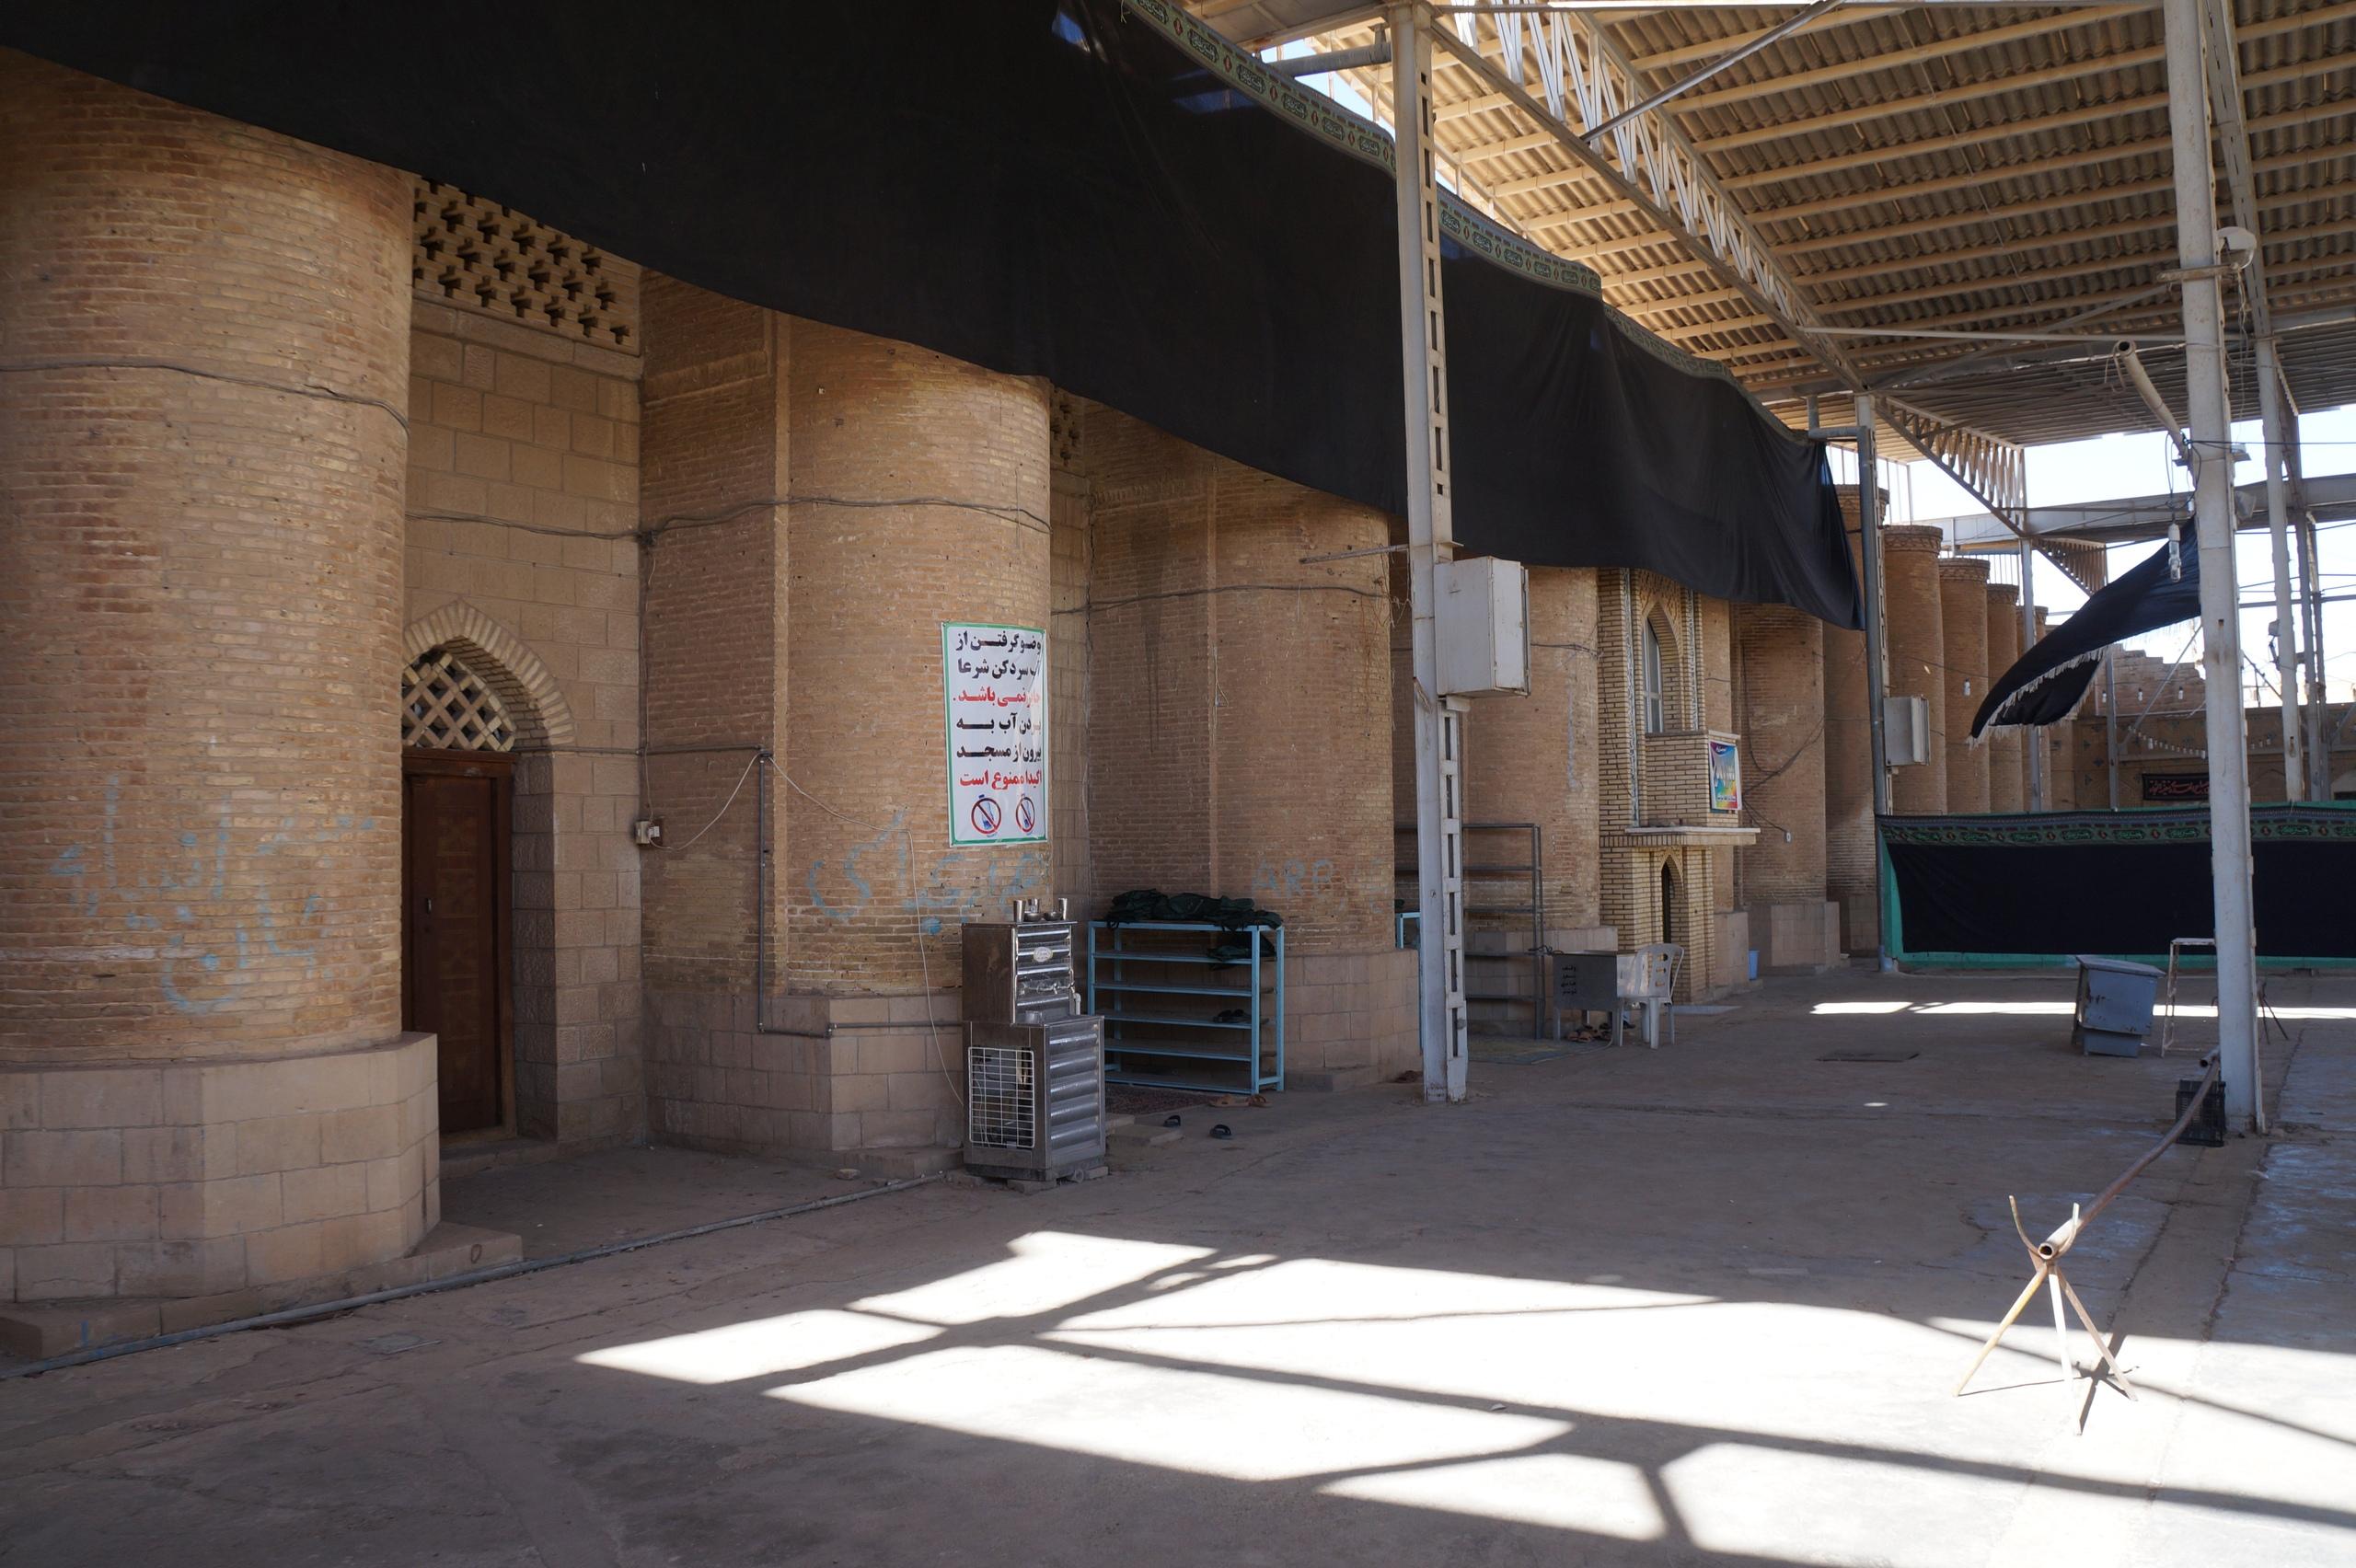 Закрытая от неверных часть мечети мечеть, имама, Шуштере, разрешили, туристов, местного, центральная, Иране, место, мечети, тканью, старинная, такие, Далее, раставлены, охлаждает, установка, метров, Причем, питьевой